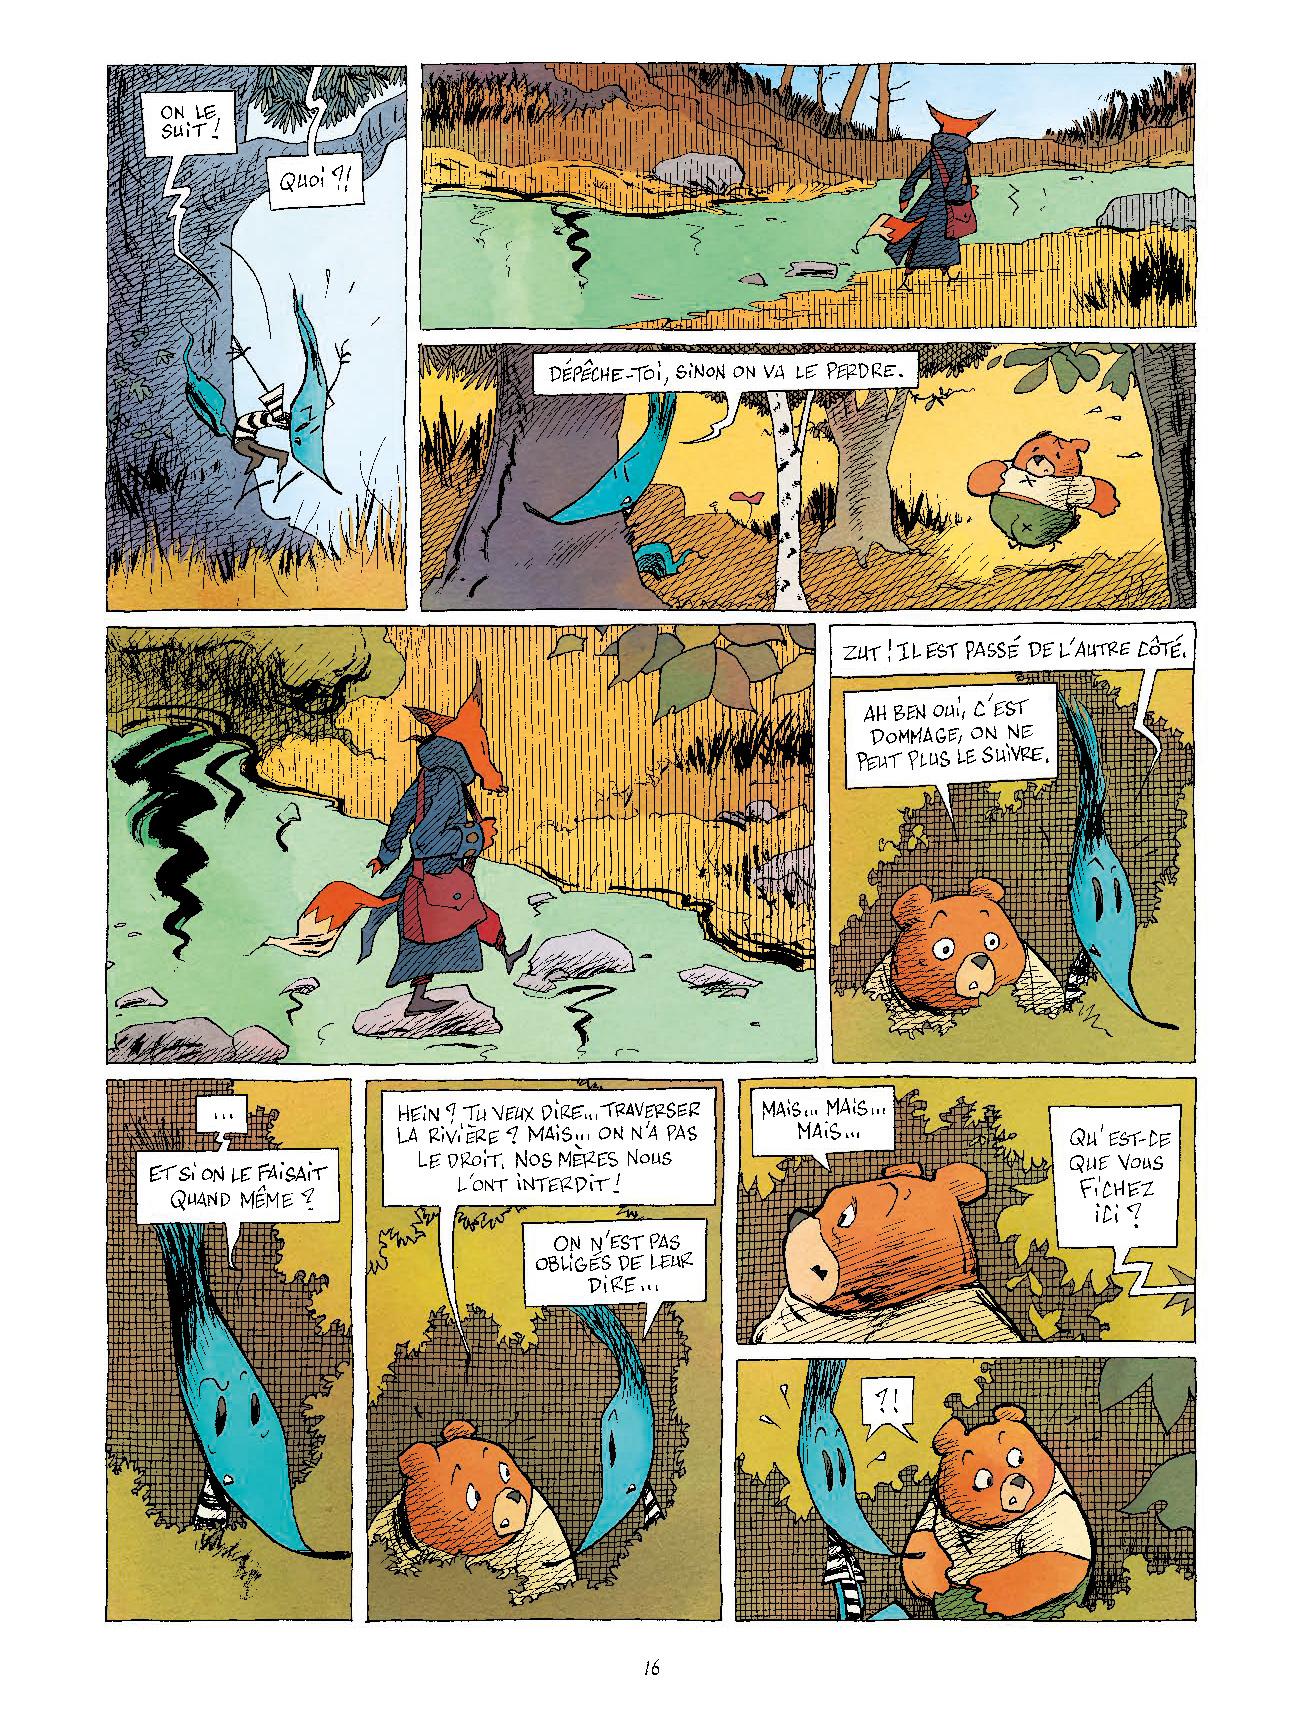 Extrait n°16 par Régis Hautière